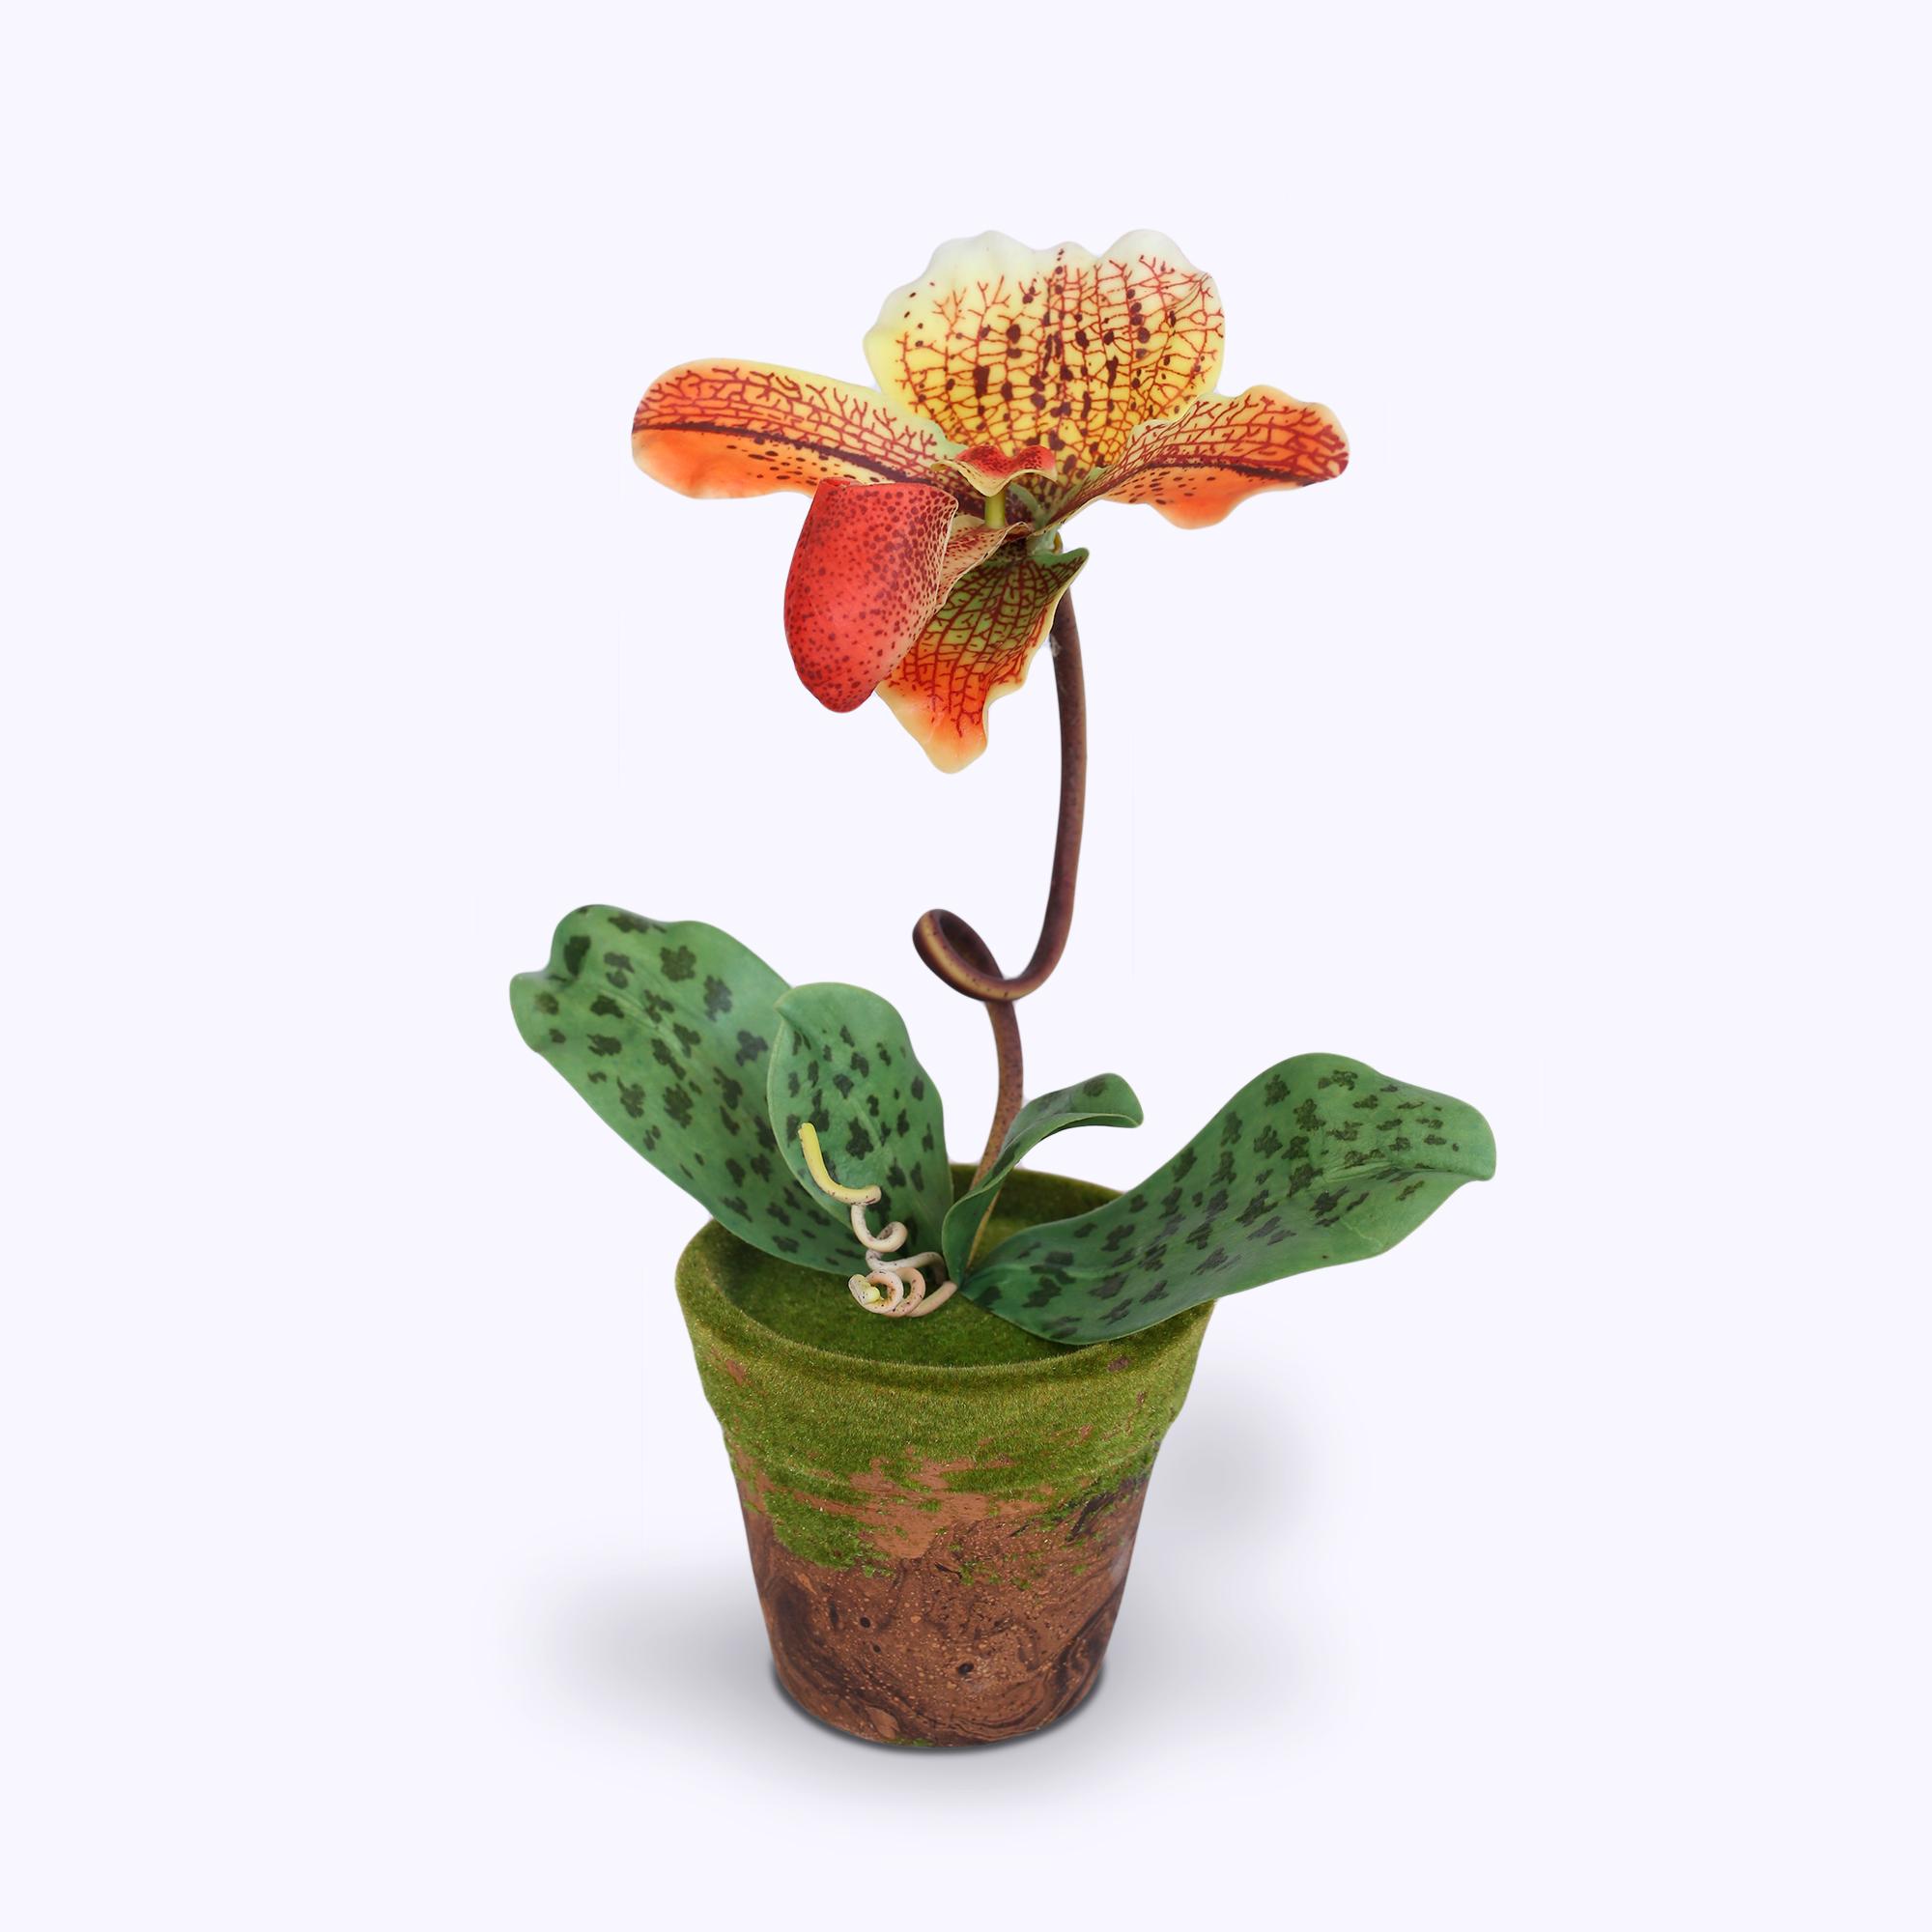 แจกันดอกไม้ประดิษฐ์ รองเท้านารี สีส้ม ในกระถางดินเผาลายไม้ประดับมอสเทียม สำหรับตกแต่งบ้านแนวธรรมชาติหรือรีสอร์ท